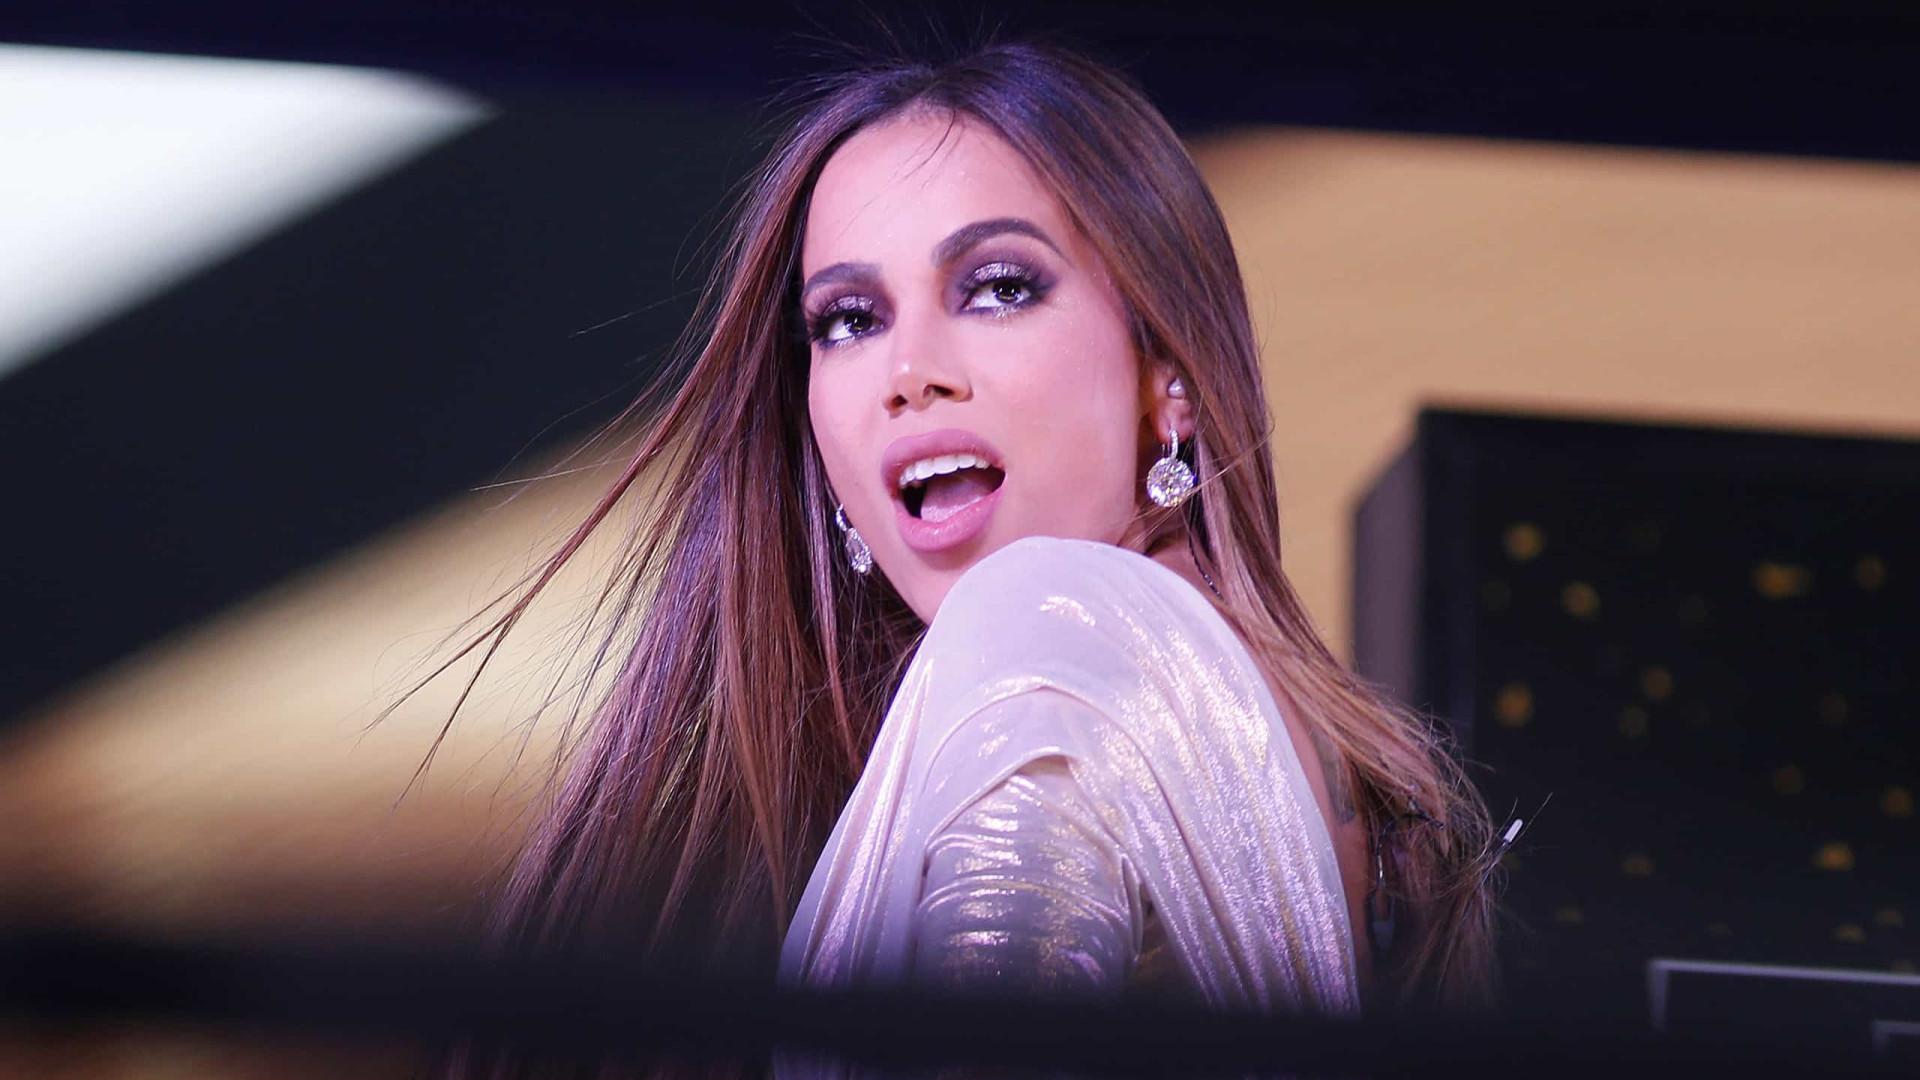 Anitta para exportação de 'Girl from Rio' só reforça clichês do pop